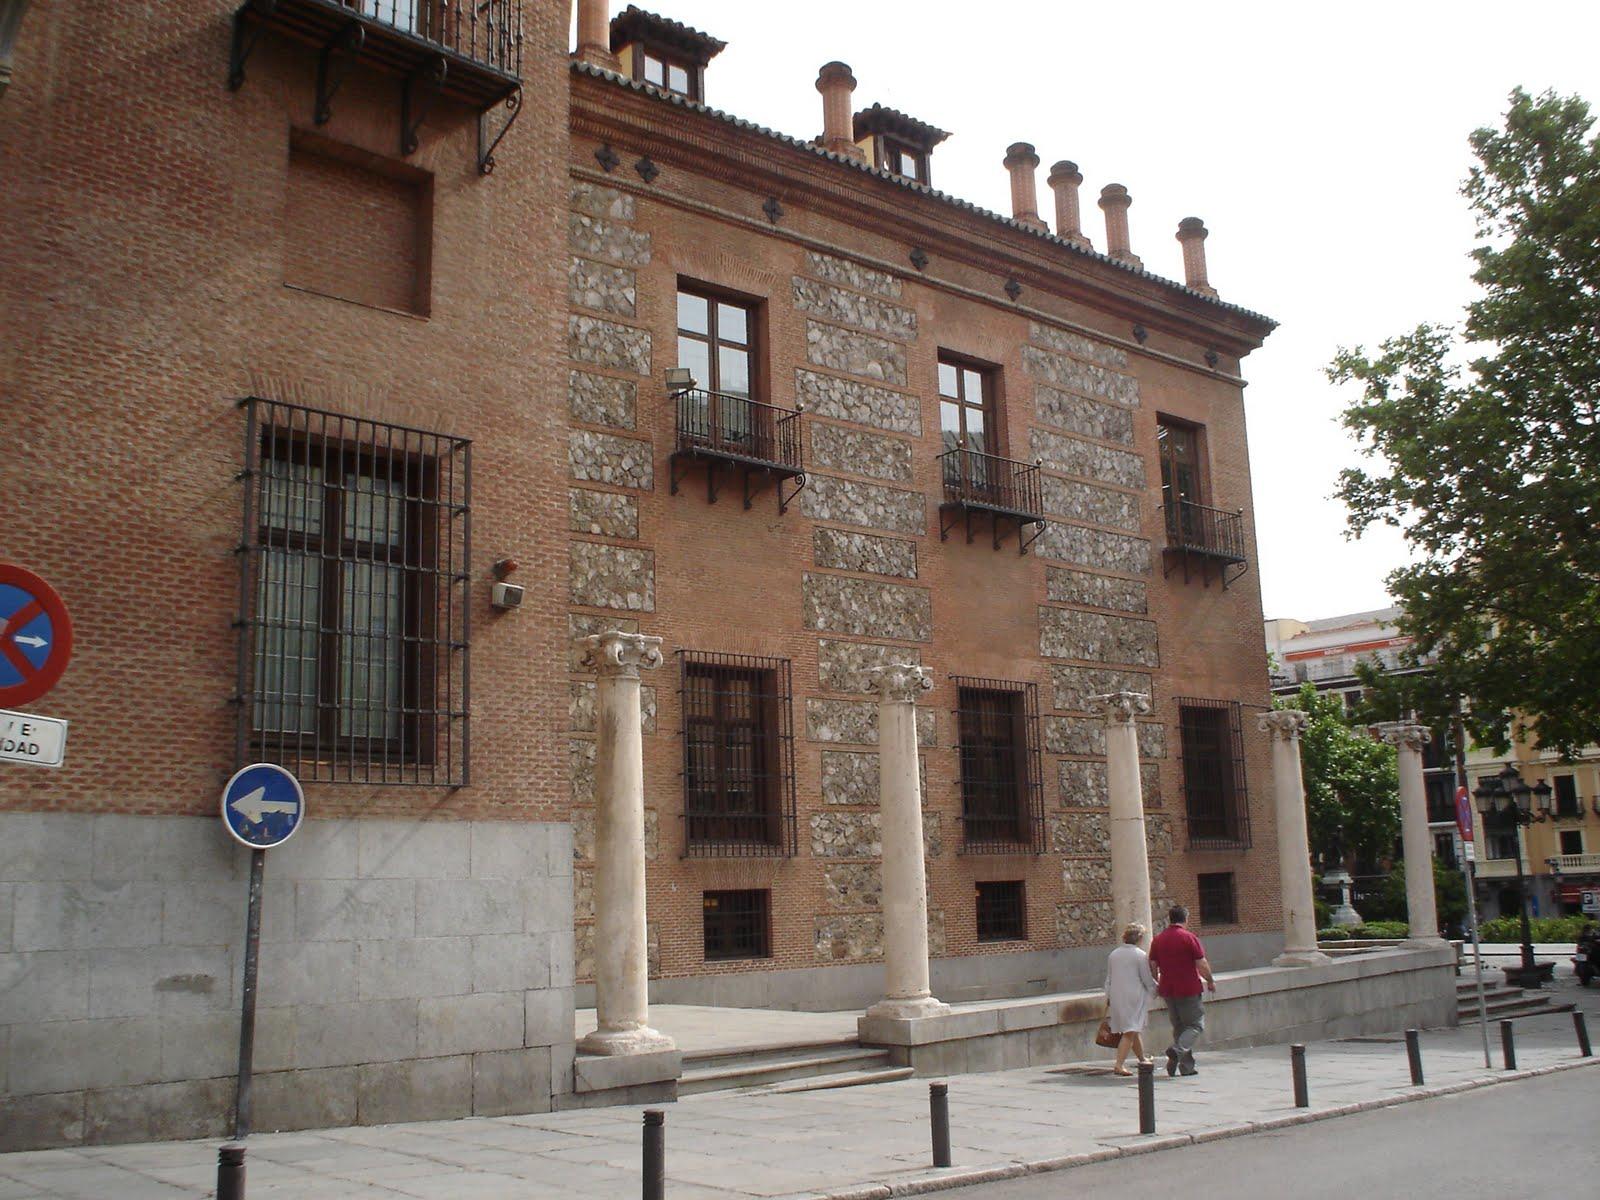 Buscador de madrid la casa de las siete chimeneas - La casa de la chimenea ...